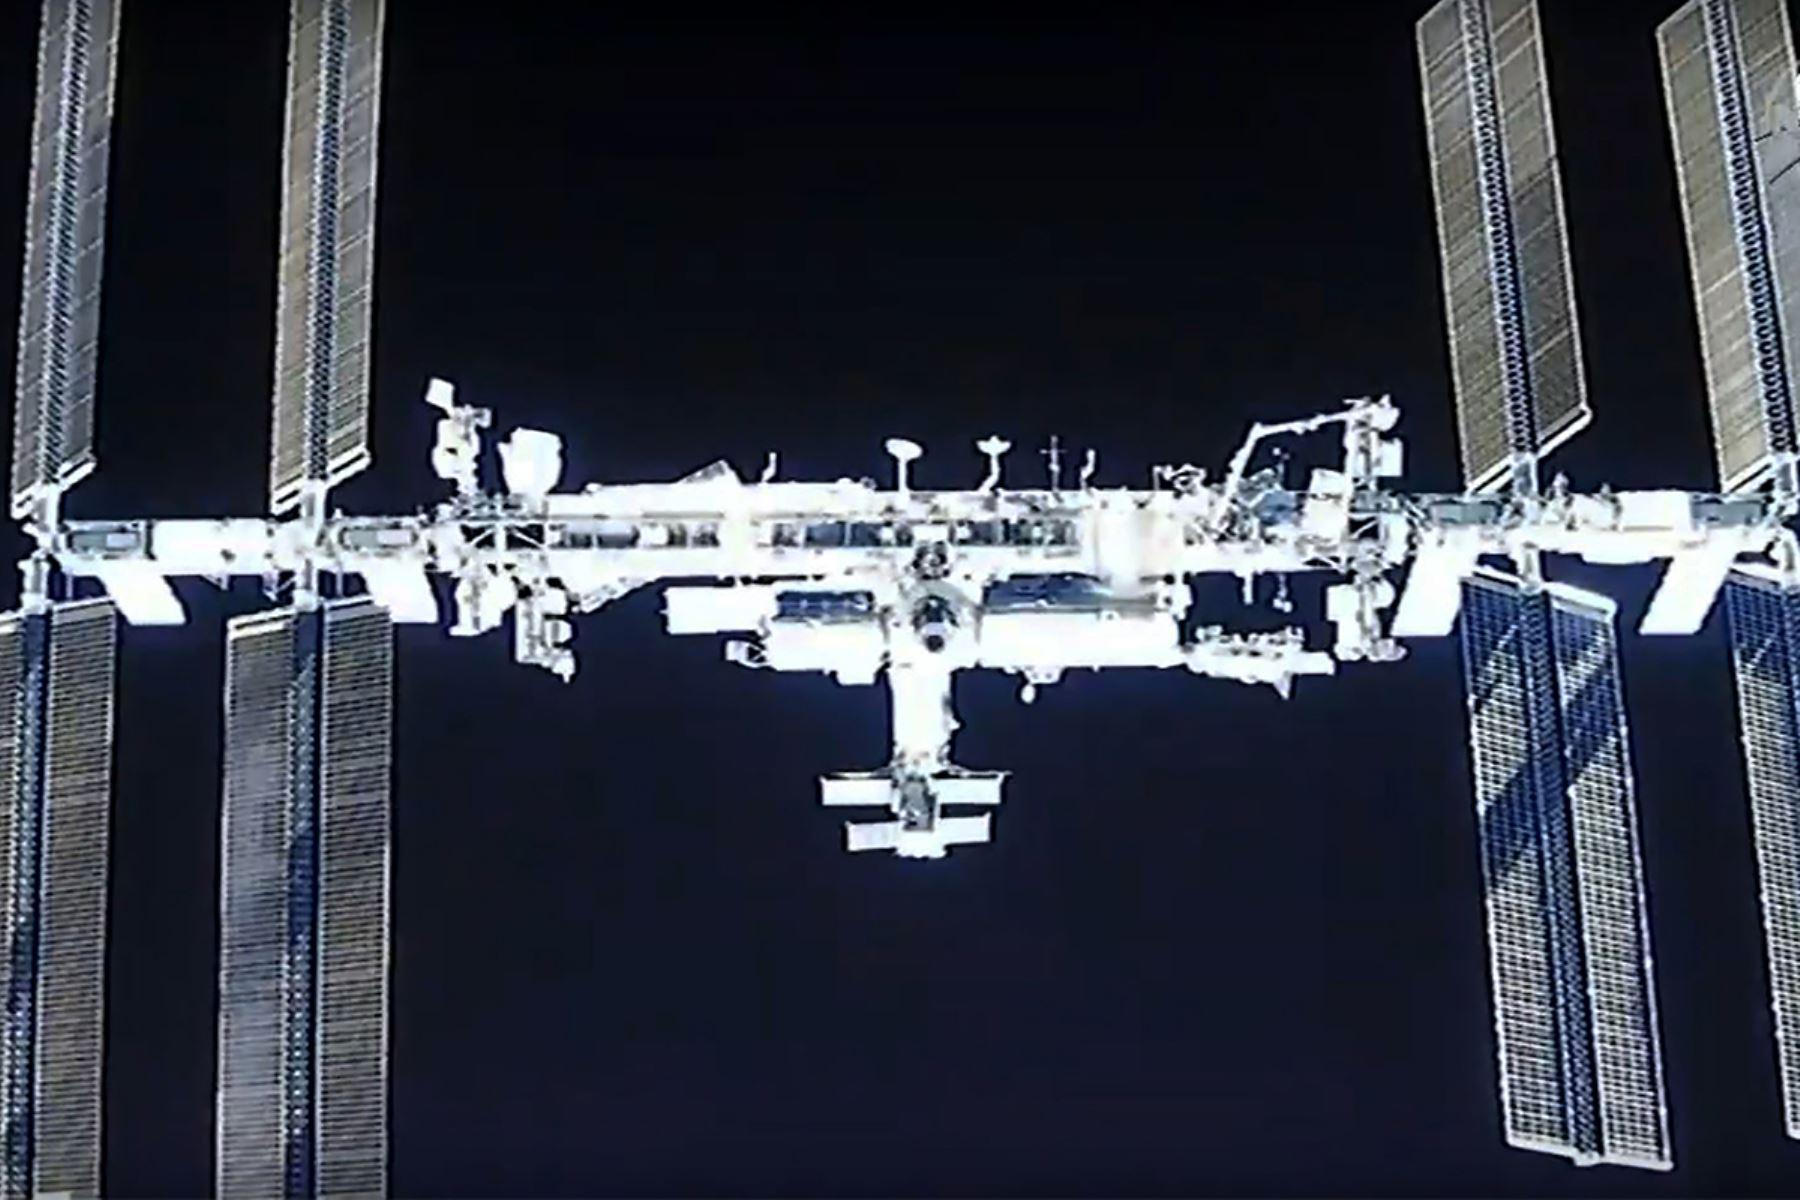 Cuatro astronautas transportados por la cápsula Dragon de la empresa SpaceX ingresaron el martes a la Estación Espacial Internacional (ISS). Foto: NASA/AFP.